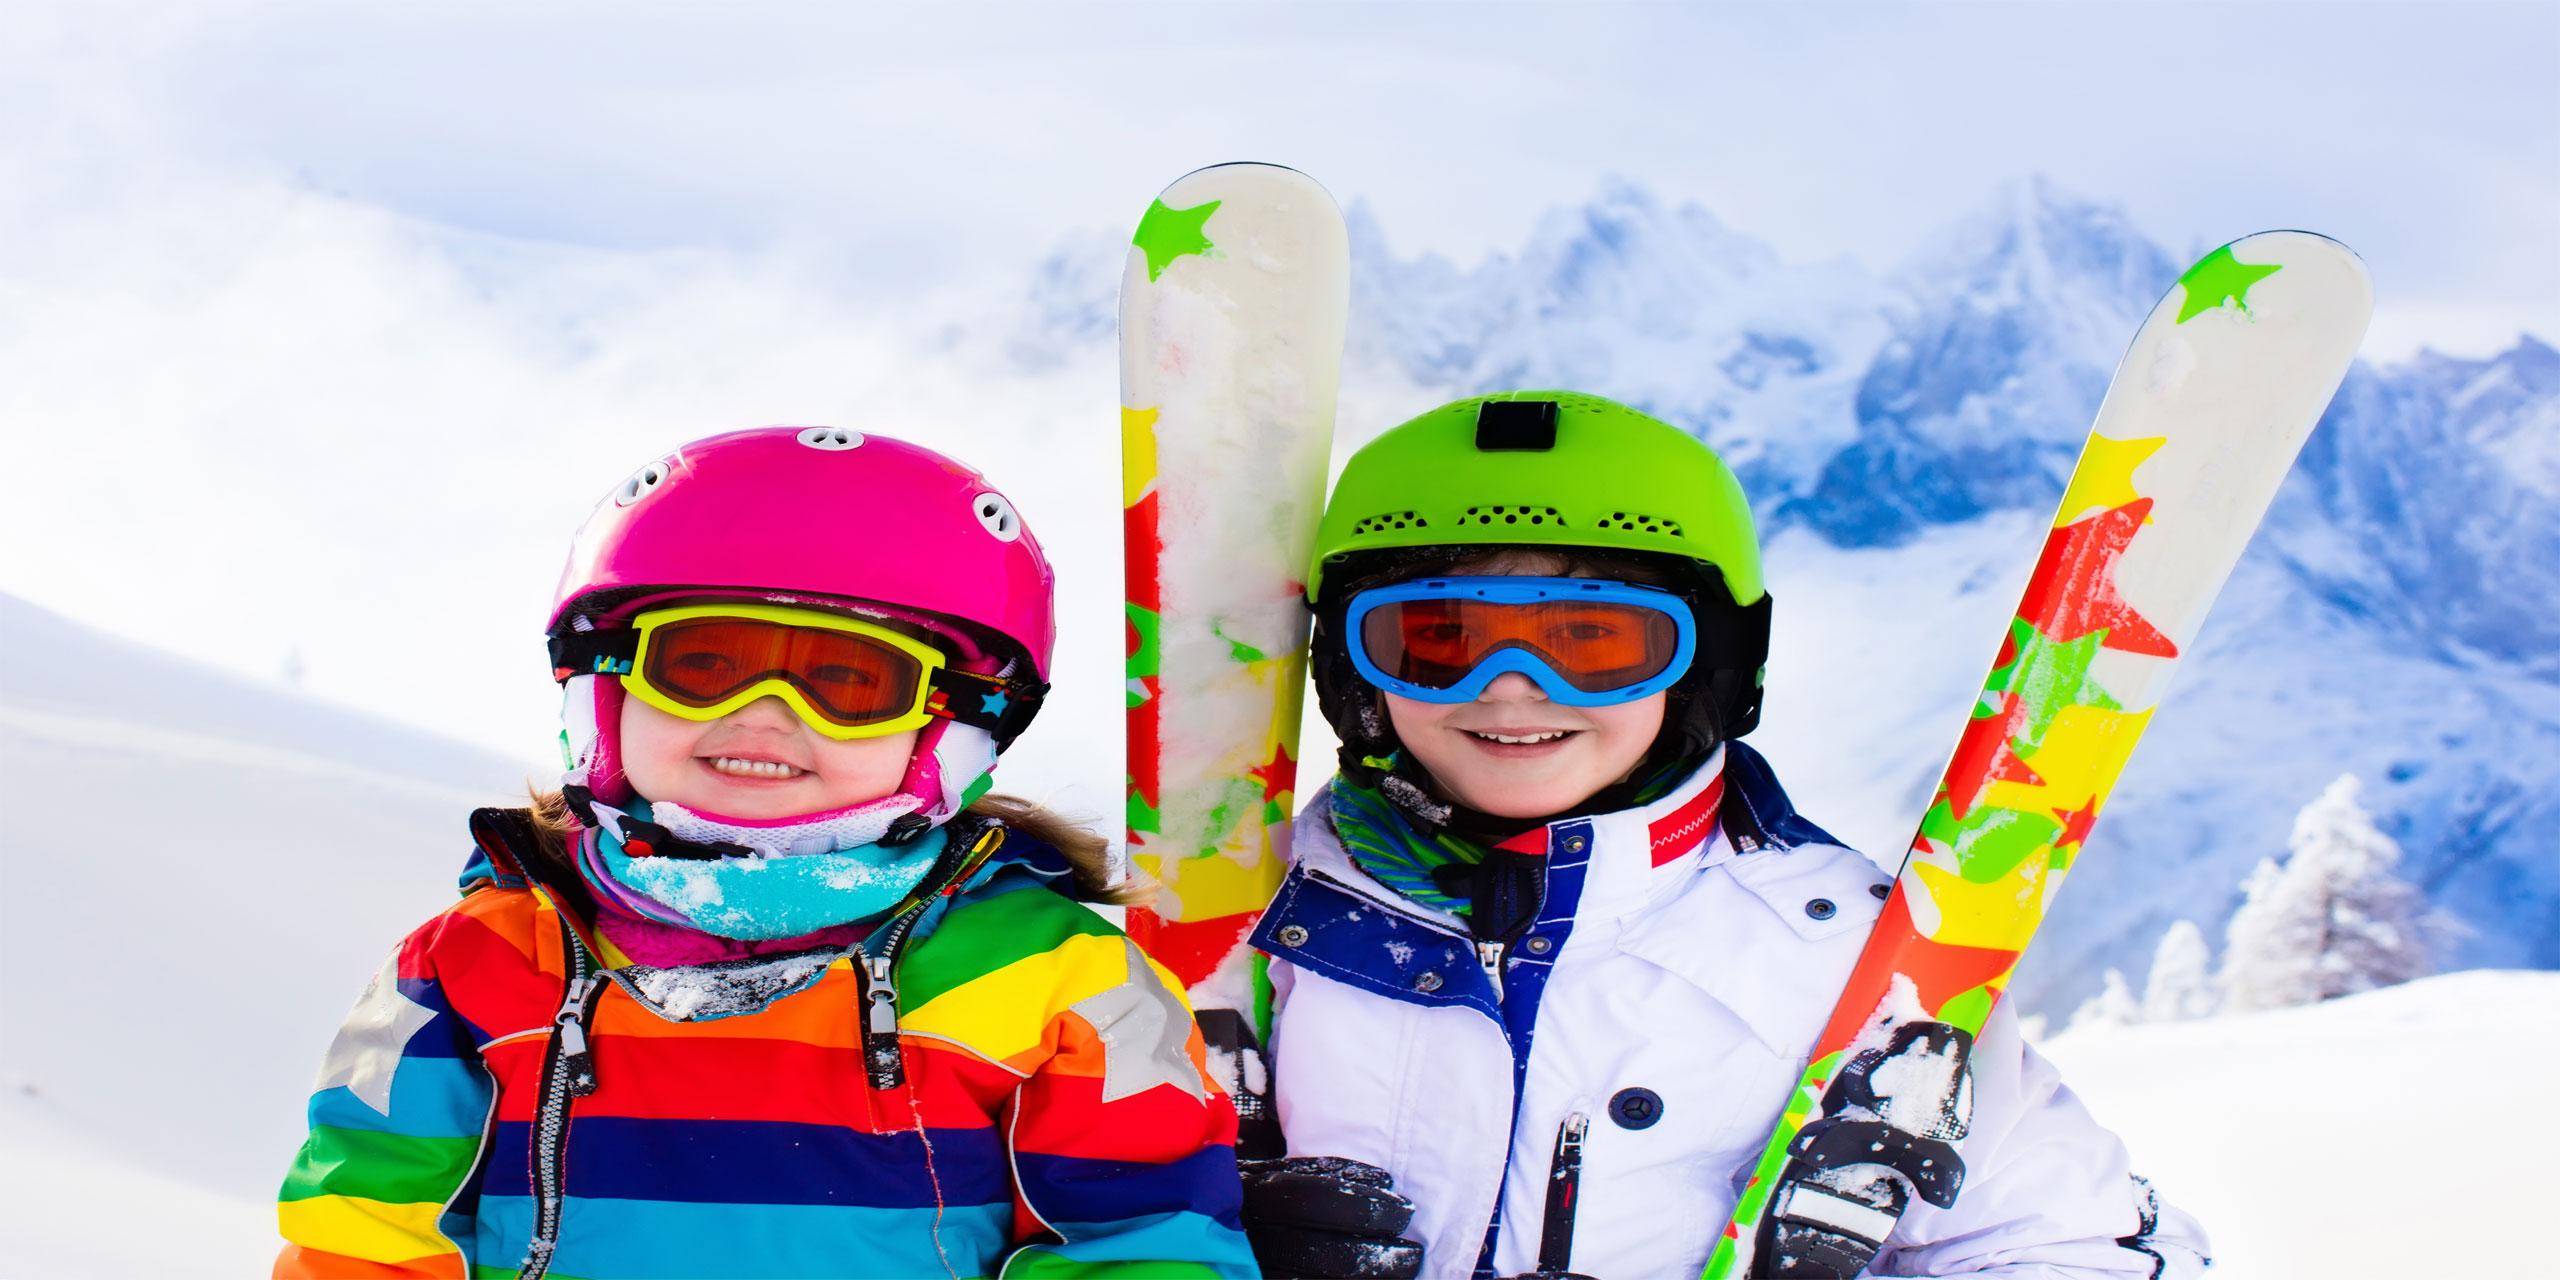 Kids Skiing; Courtesy of Fam Veld/Shutterstock.com